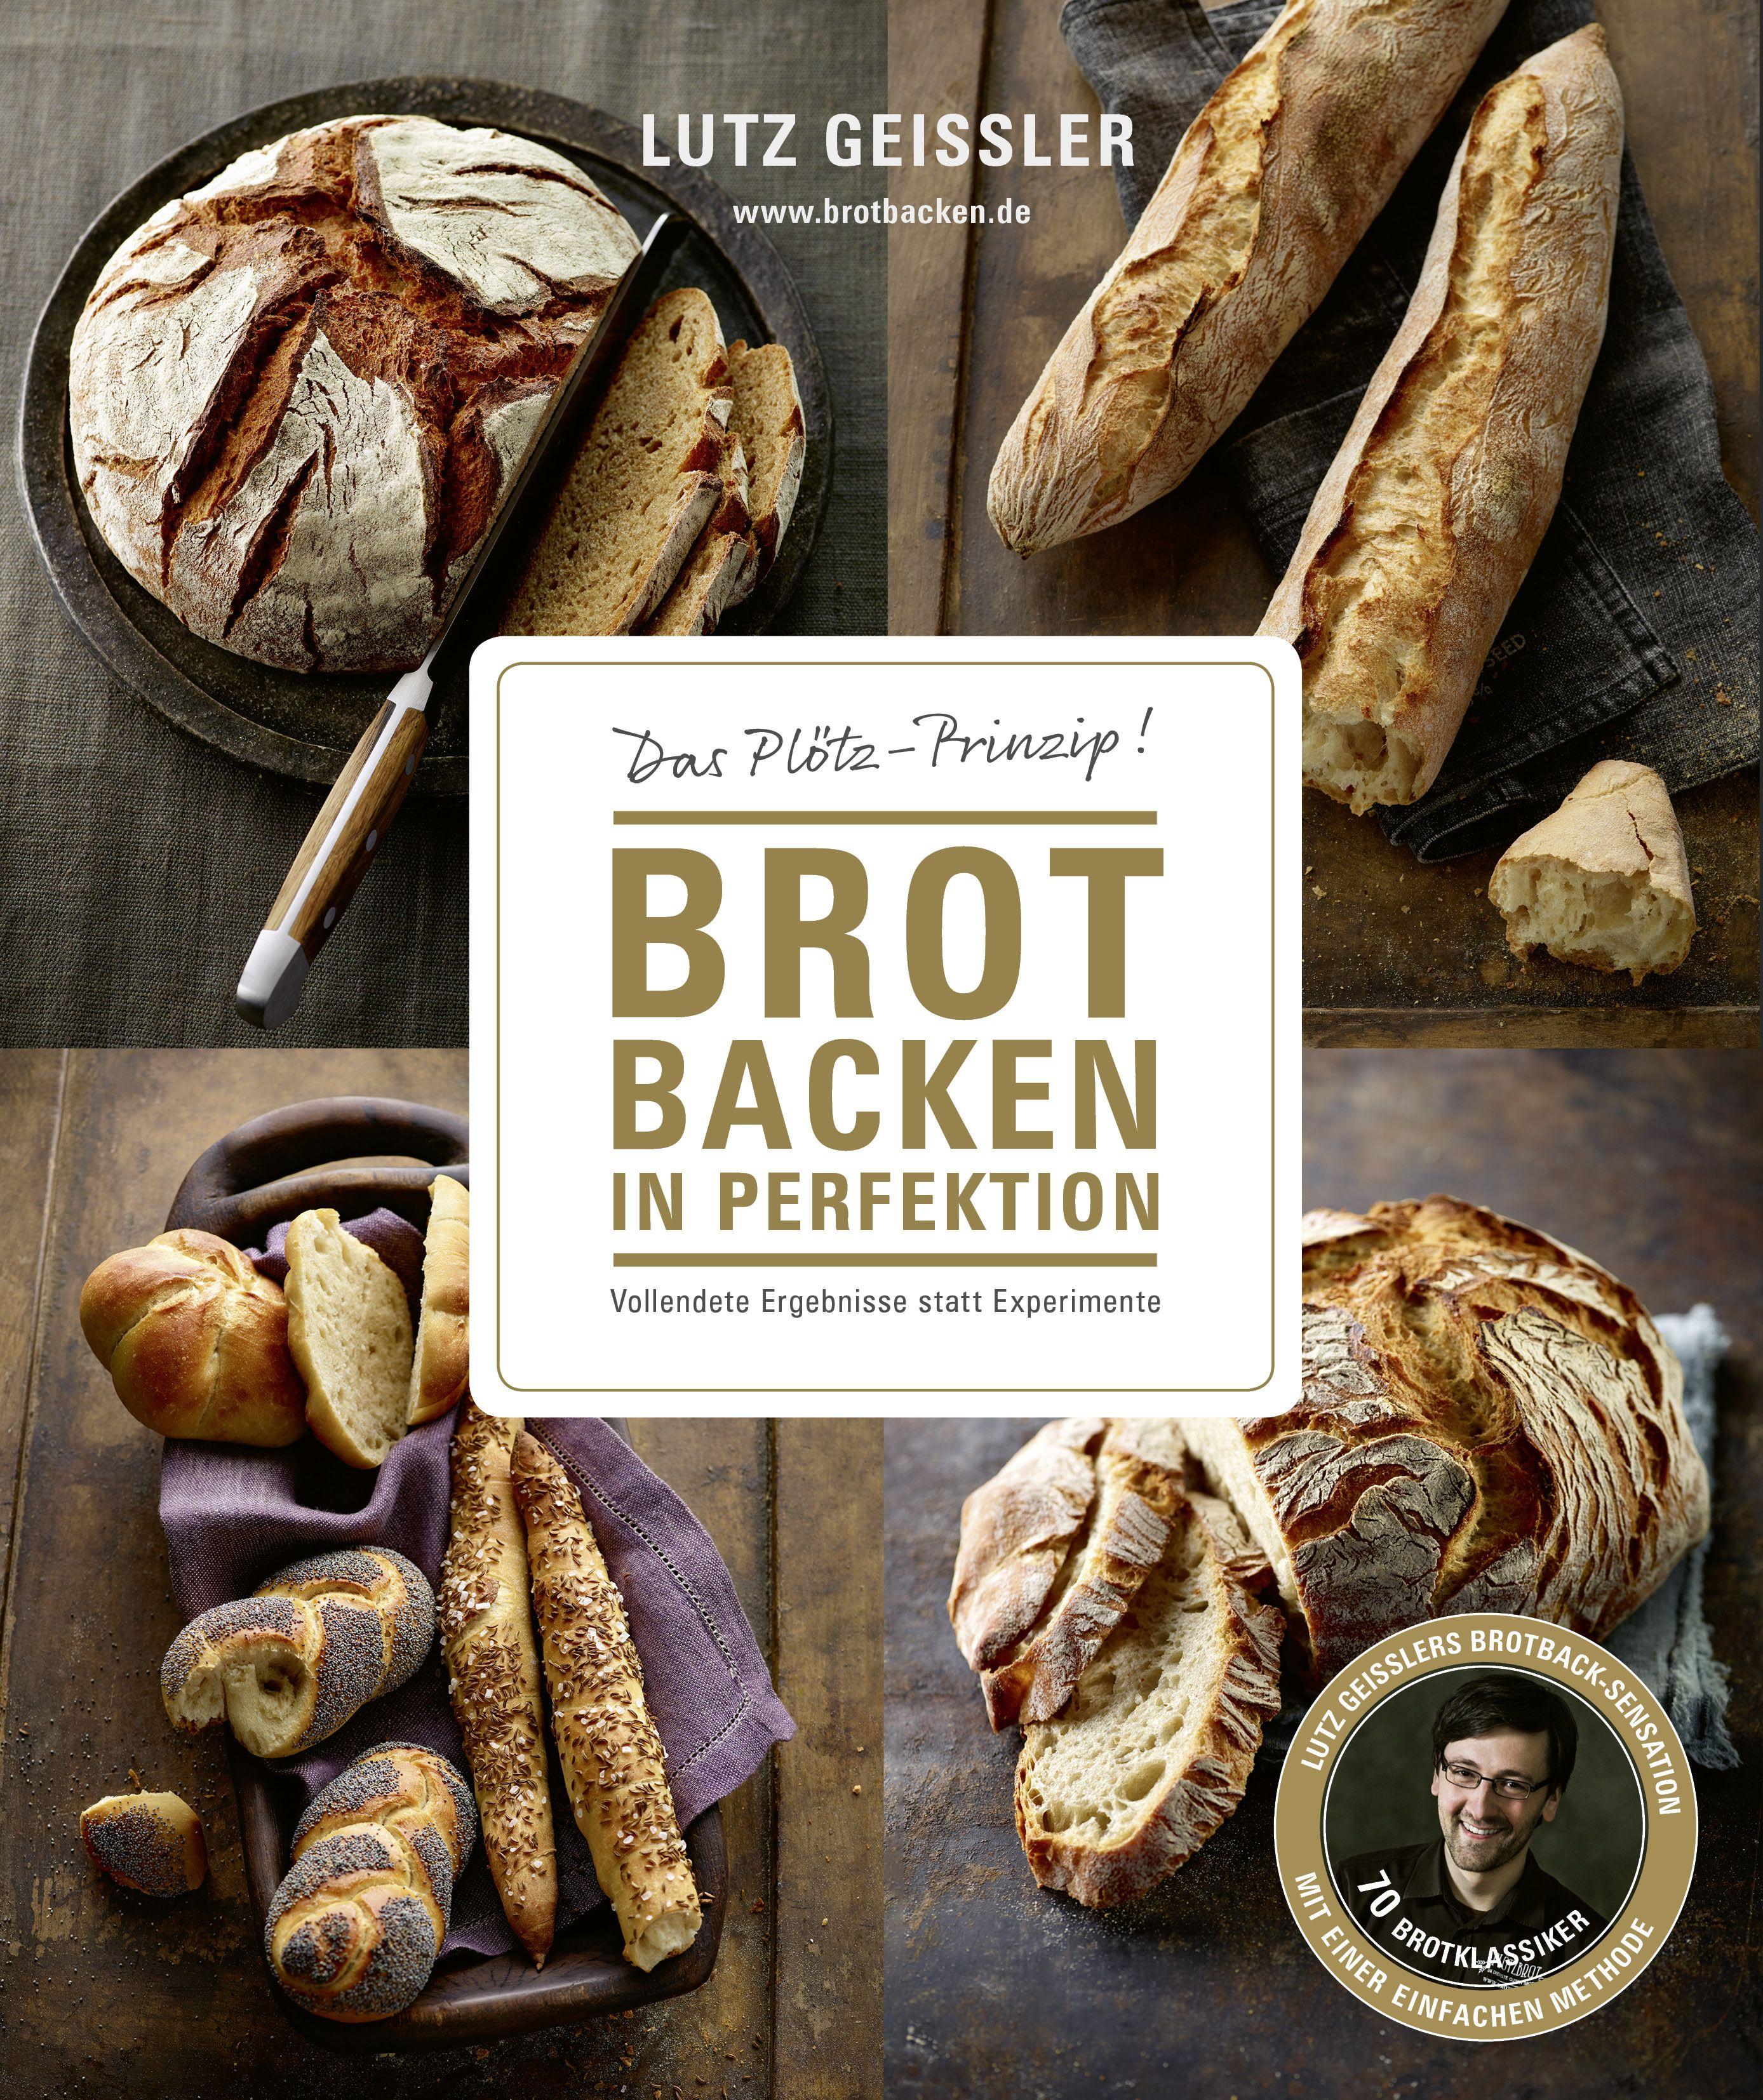 Brot Backen In Perfektion Mit Sauerteig Das Plotz Prinzip Vollendete Ergebnisse Statt Experimente In 2020 Brot Backen Backen Teig